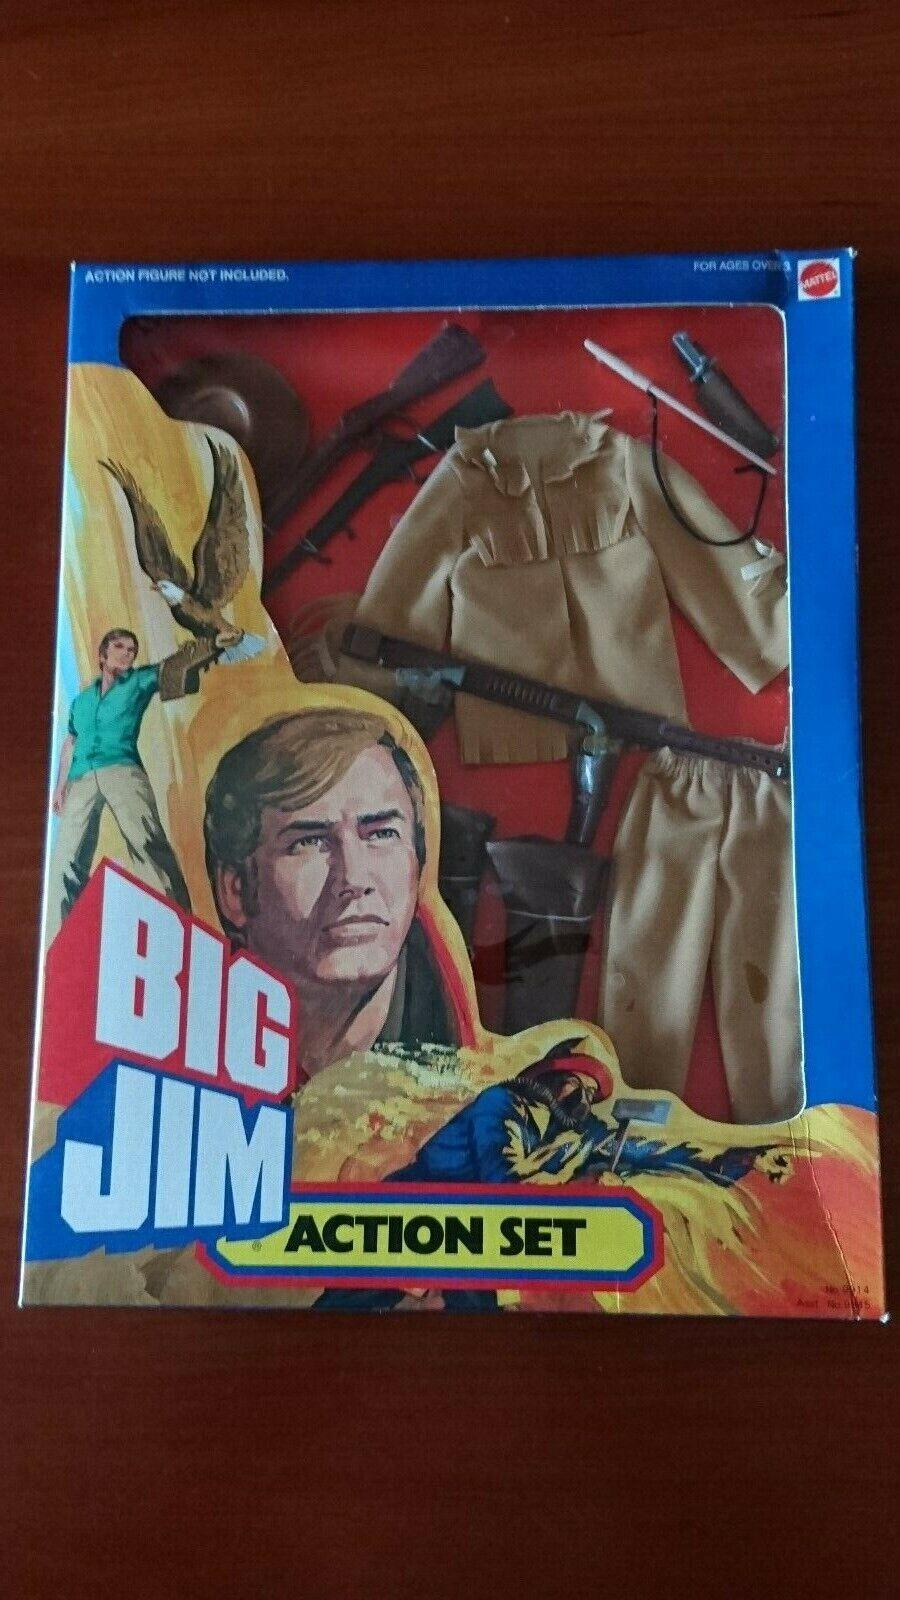 BIG JIM MATTEL ACTION SET OUTFIT   9914    PISTOLERO   CON SCATOLA ORIGINALE  réductions incroyables